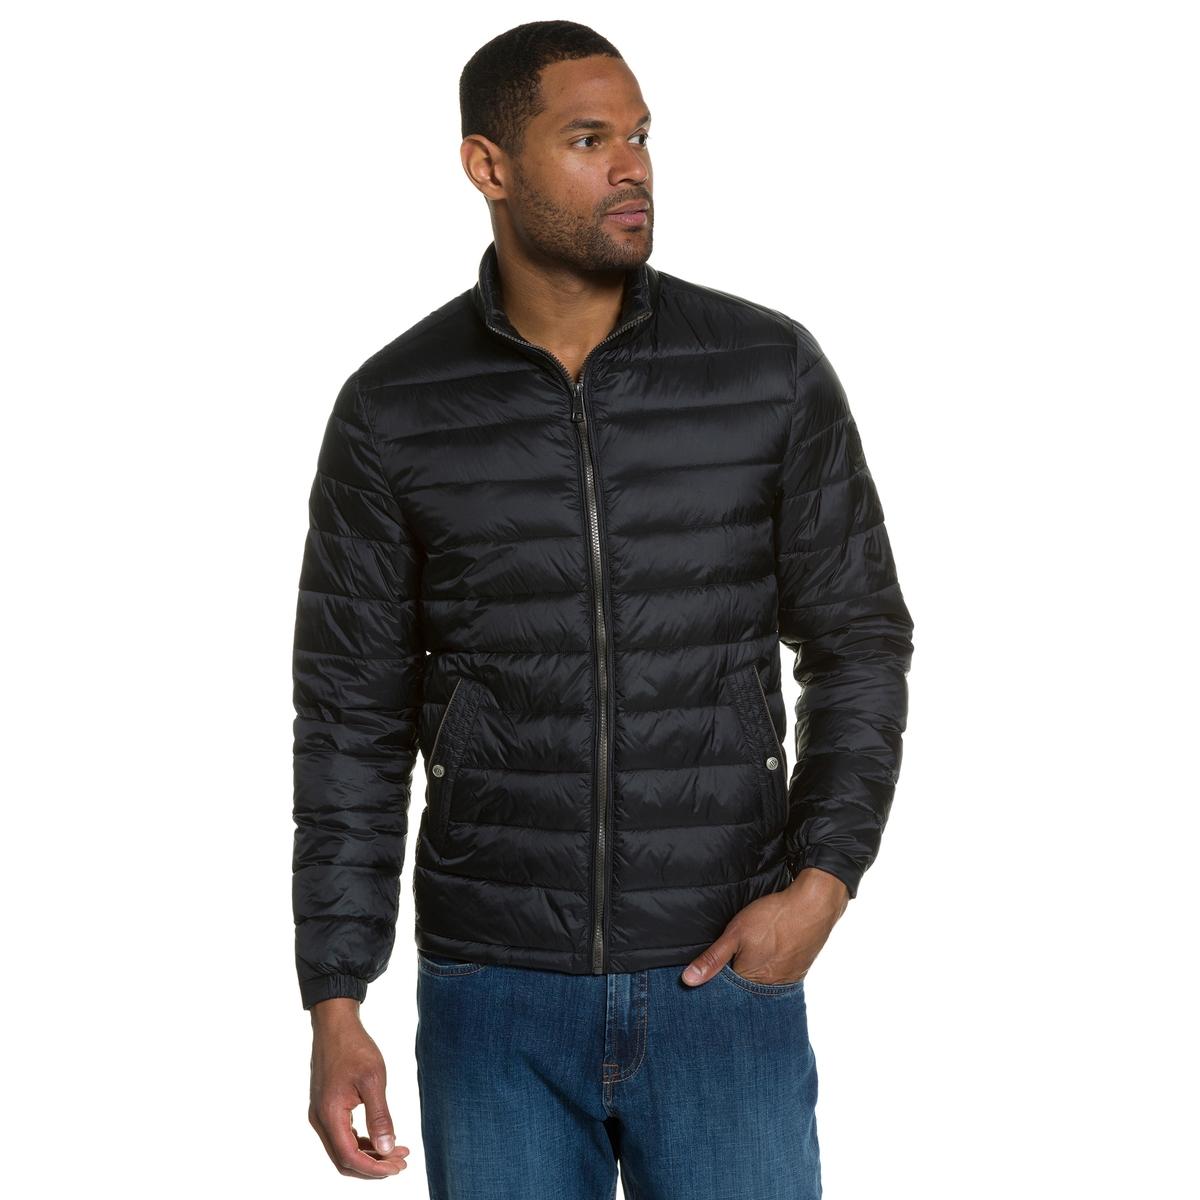 Куртка стеганаяКуртка стеганая JP1880 . 100% полиамида.. Подкладка: 100% полиамида..Очень легкая и теплая куртка . Настоящее ощущение пуха ! Прямой воротник, на молнии, 2 кармана . Подкладка с карманами. Длина в зависимости от размера 70 - 79 см .<br><br>Цвет: черный<br>Размер: XXL